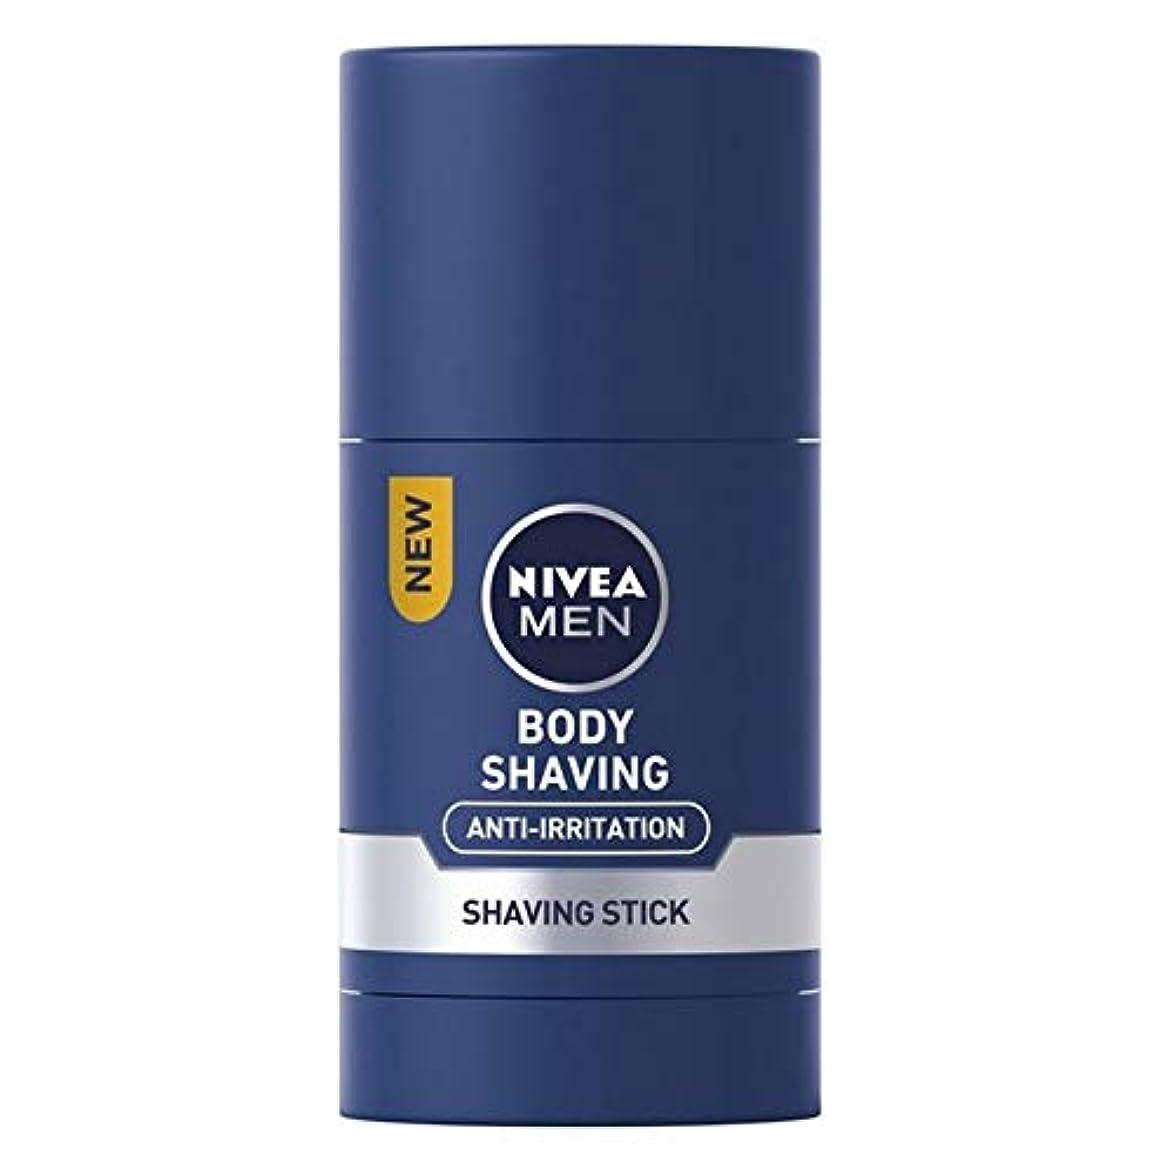 レーダーミニ硬い[Nivea] ニベアの男性のボディシェービングスティック抗炎症の75ミリリットル - Nivea Men Body Shaving Stick Anti-Irritation 75ml [並行輸入品]